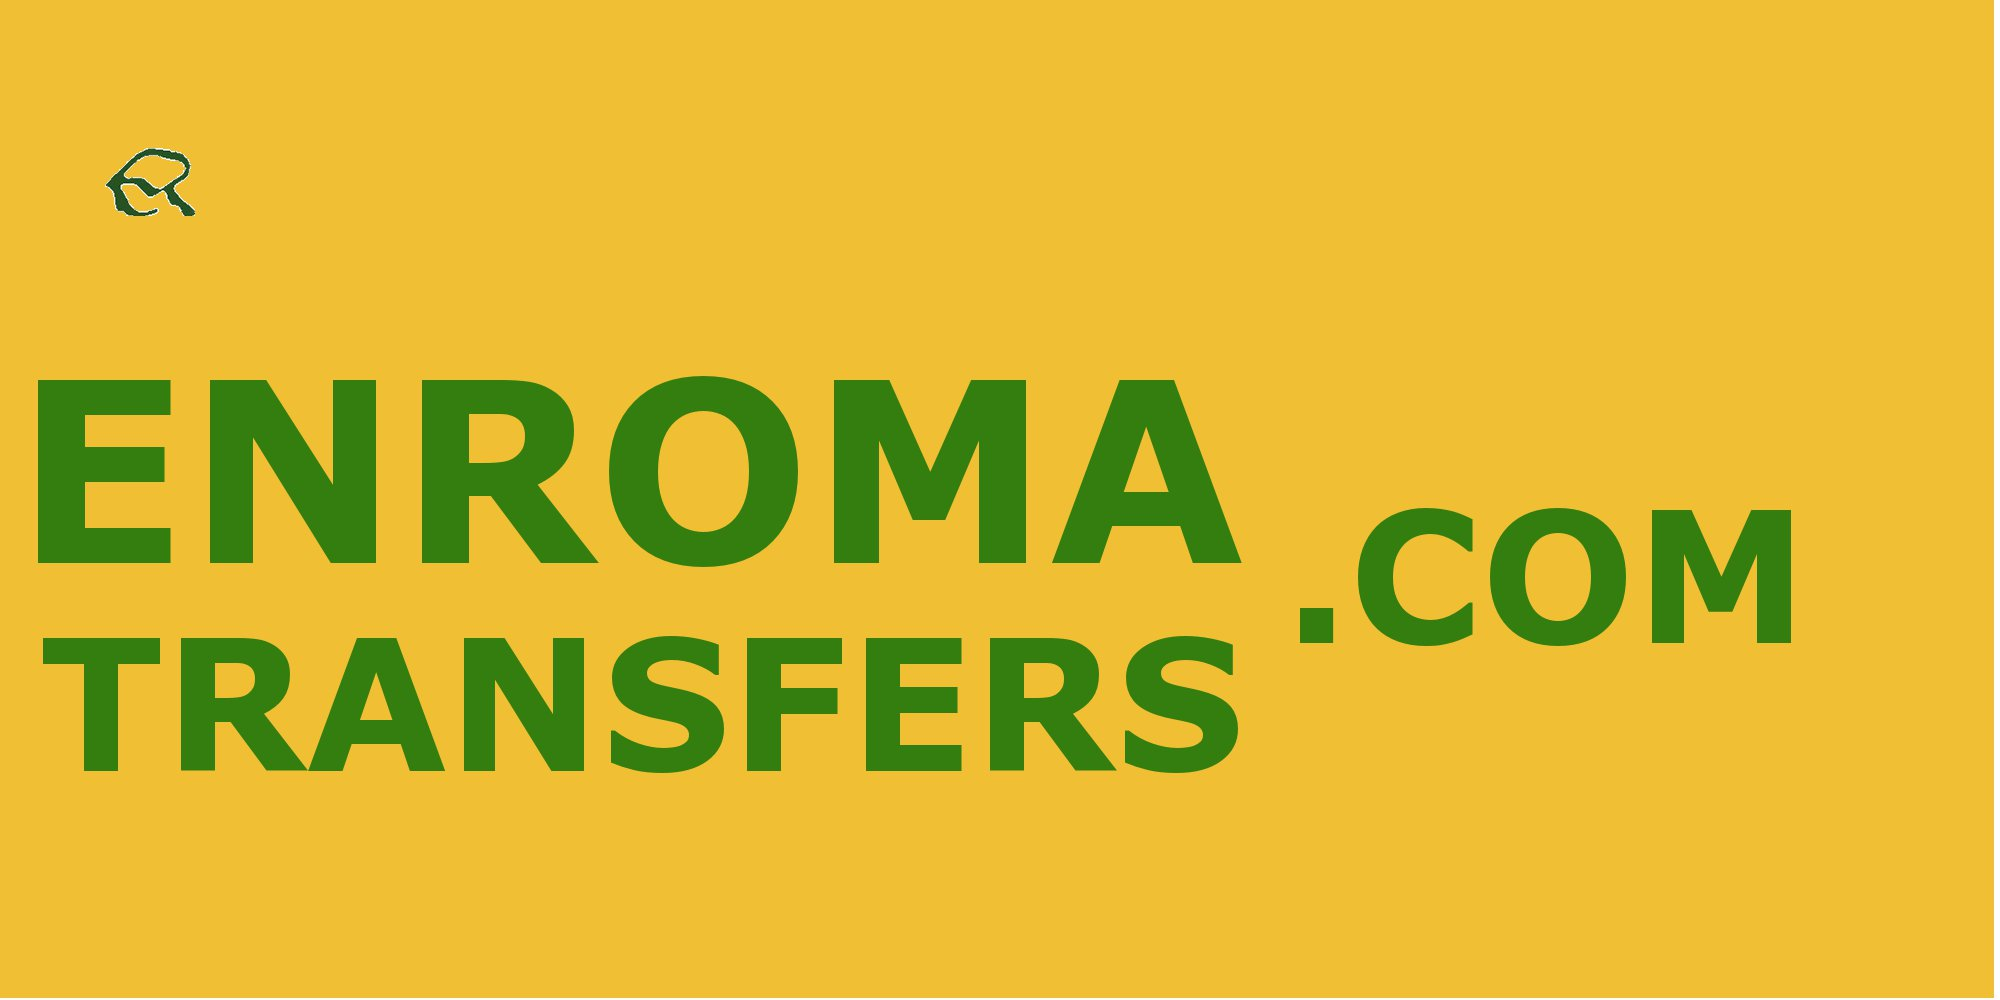 en roma transfers cartel en el aeropuerto